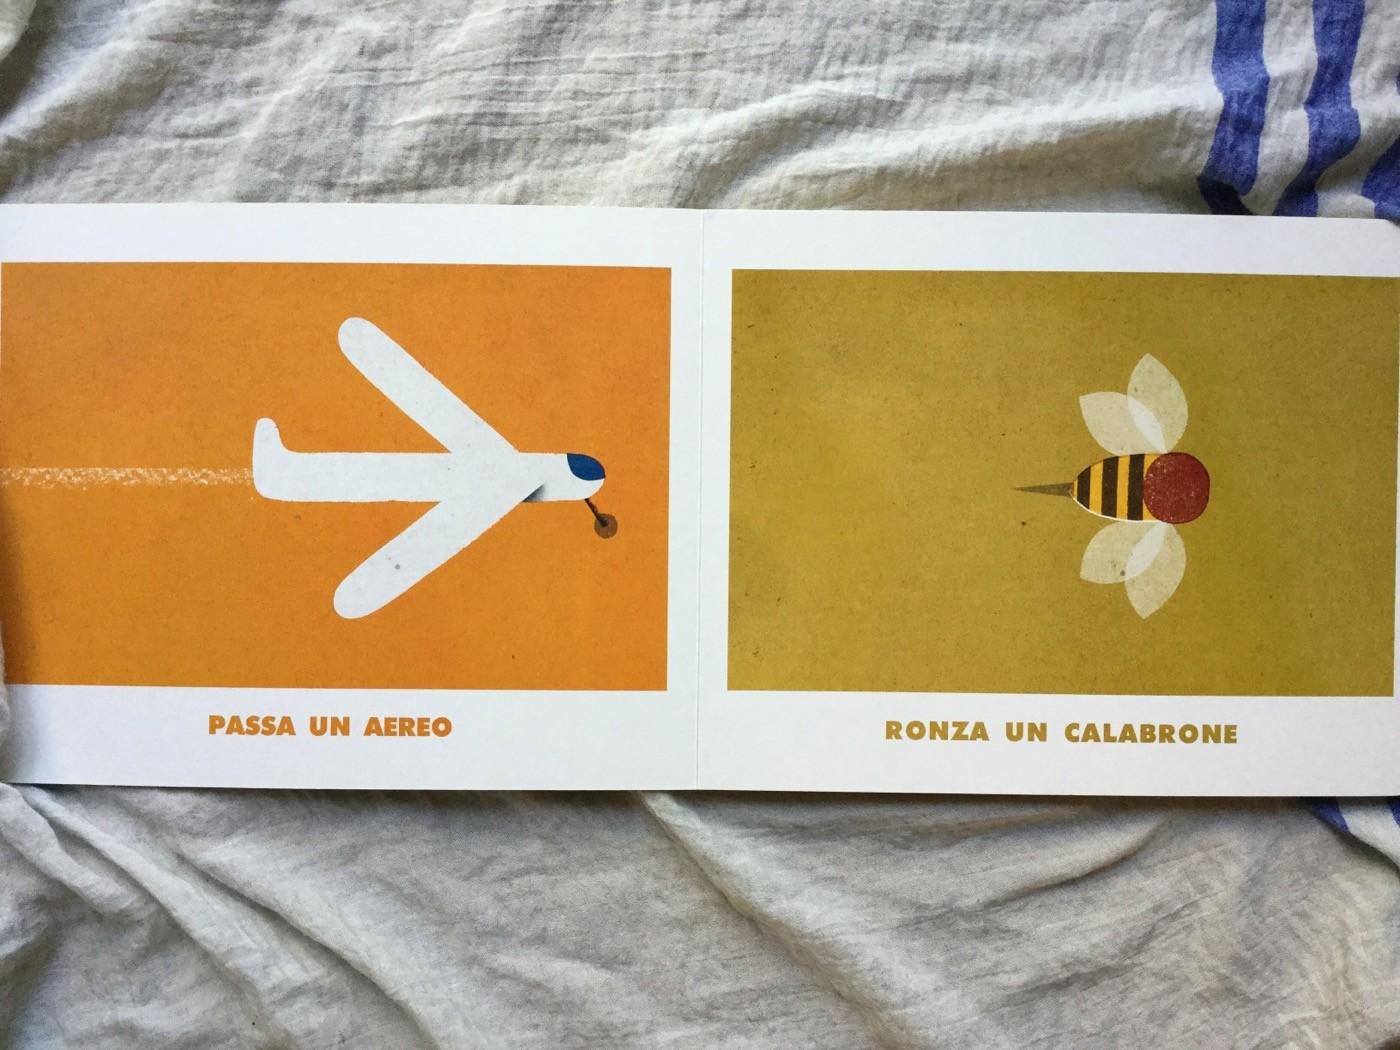 Nel-cielo-nel-mare-giovanna-zoboli-philip-giordano-topipittori-galline-volanti